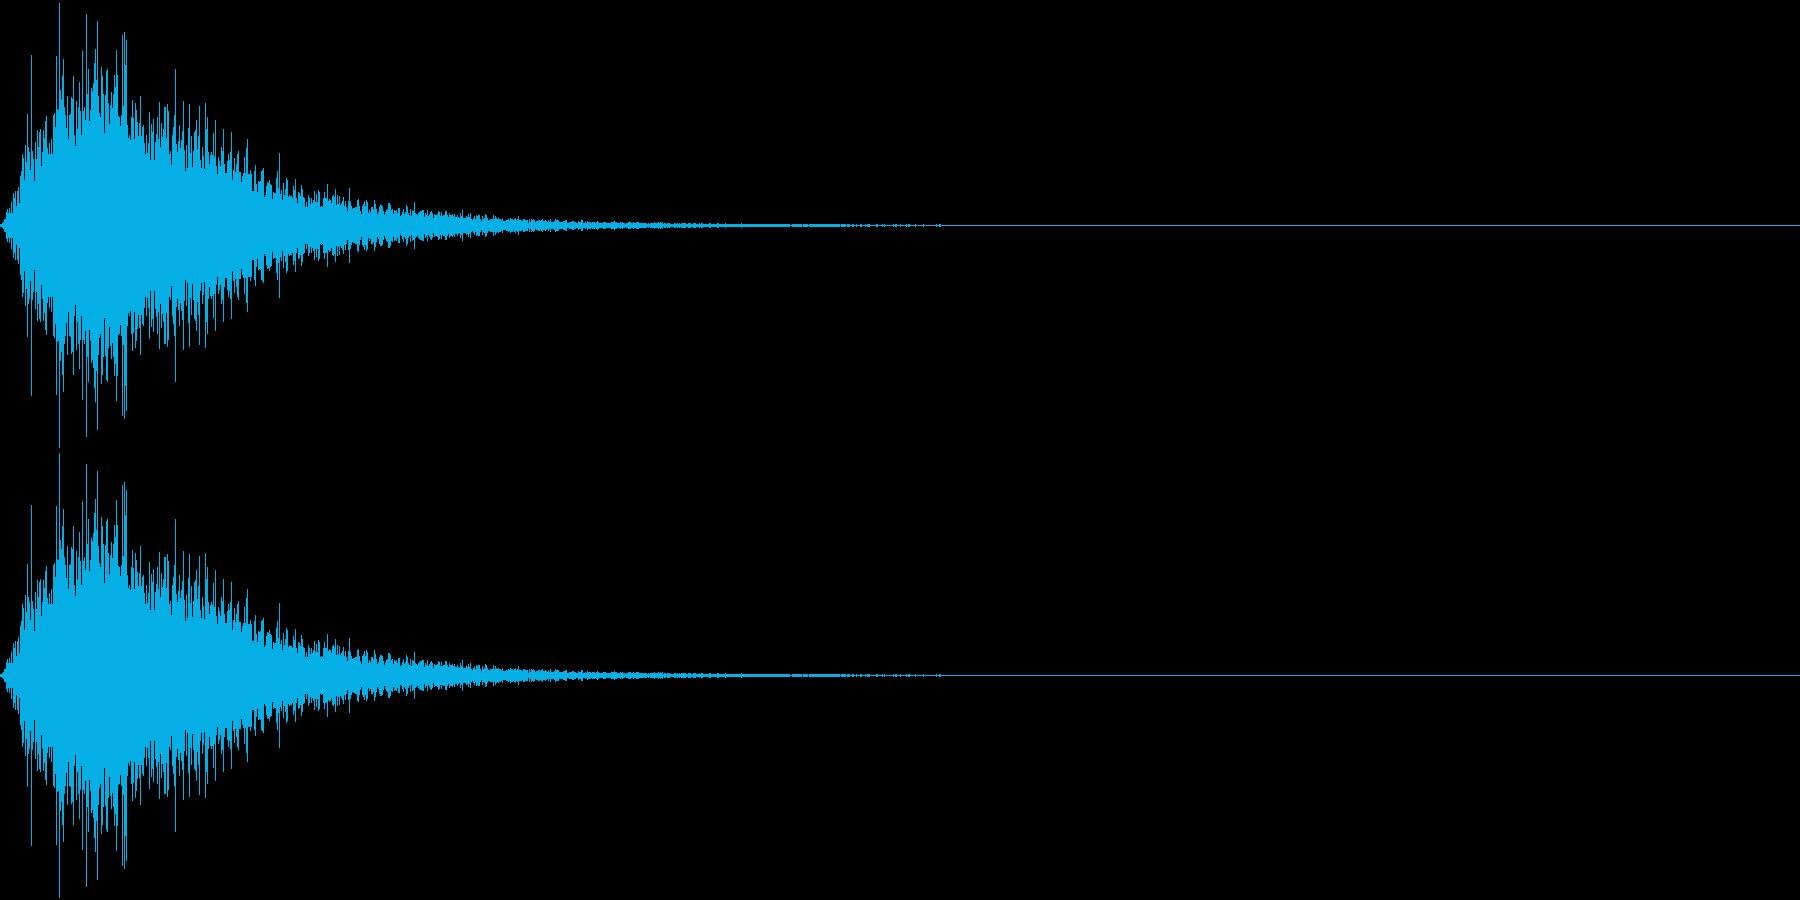 キュウィーン・シャキーン・変身2の再生済みの波形